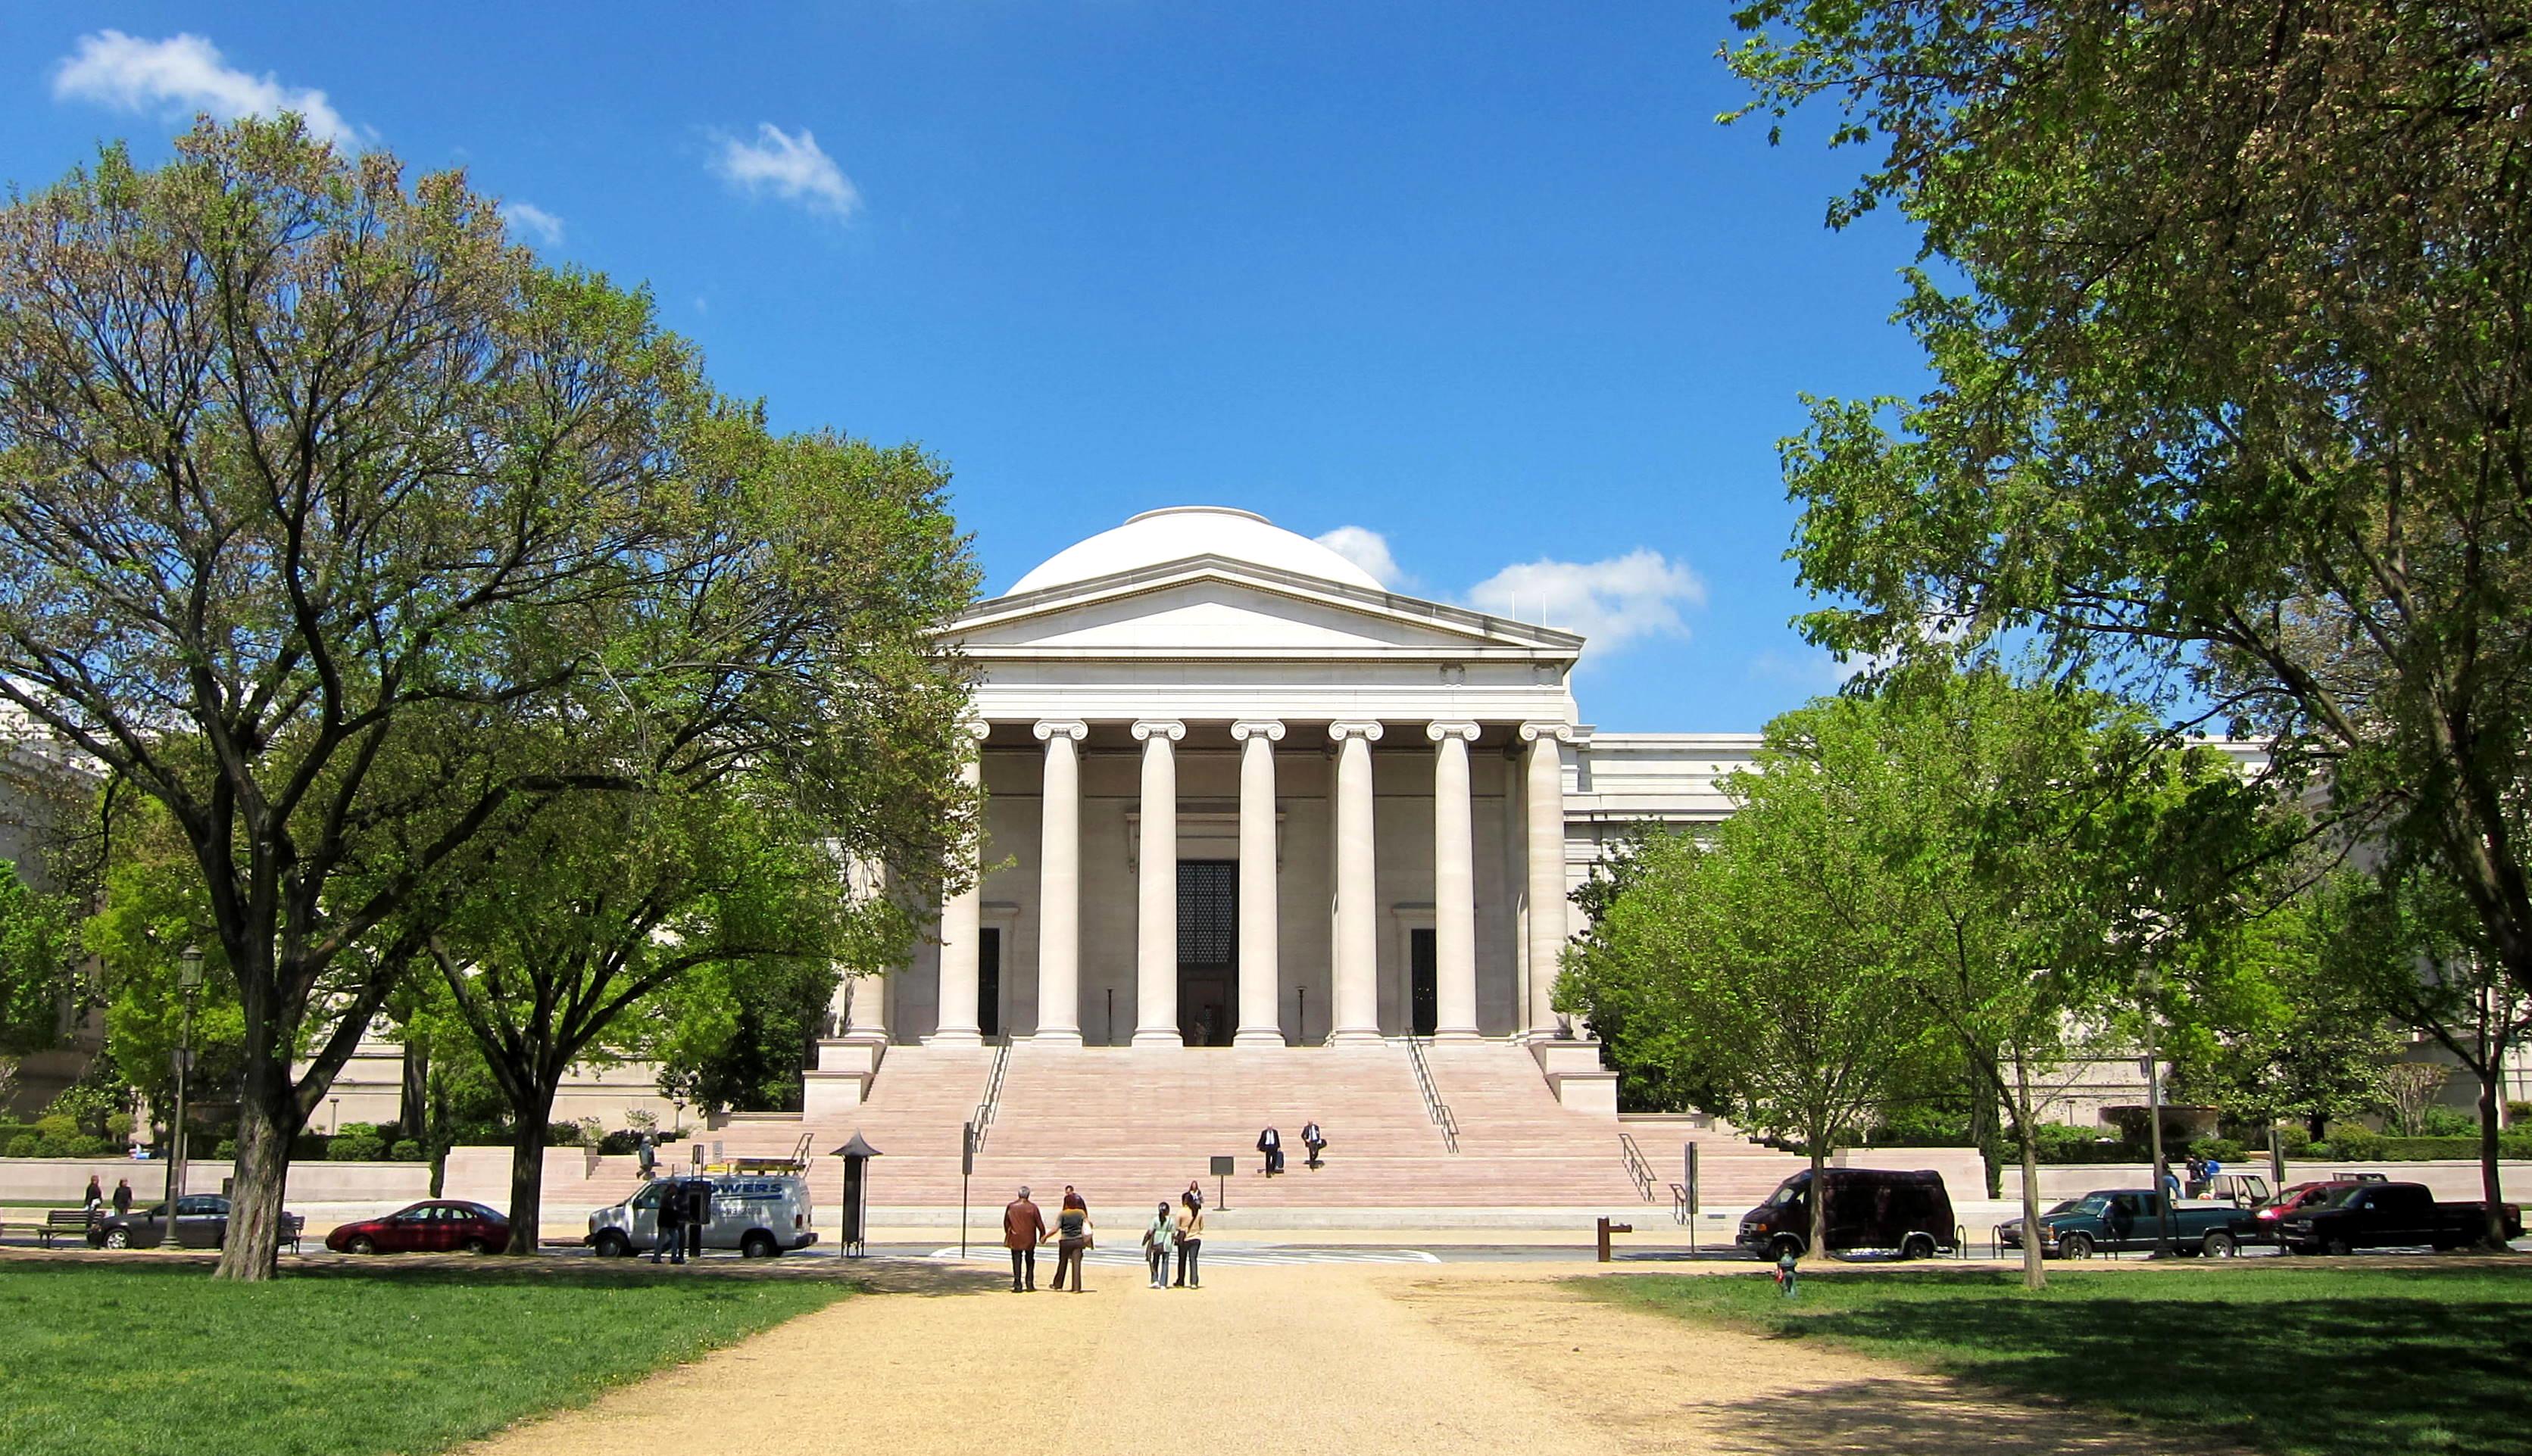 National_Gallery_of_Art_-_West_Building1.jpg